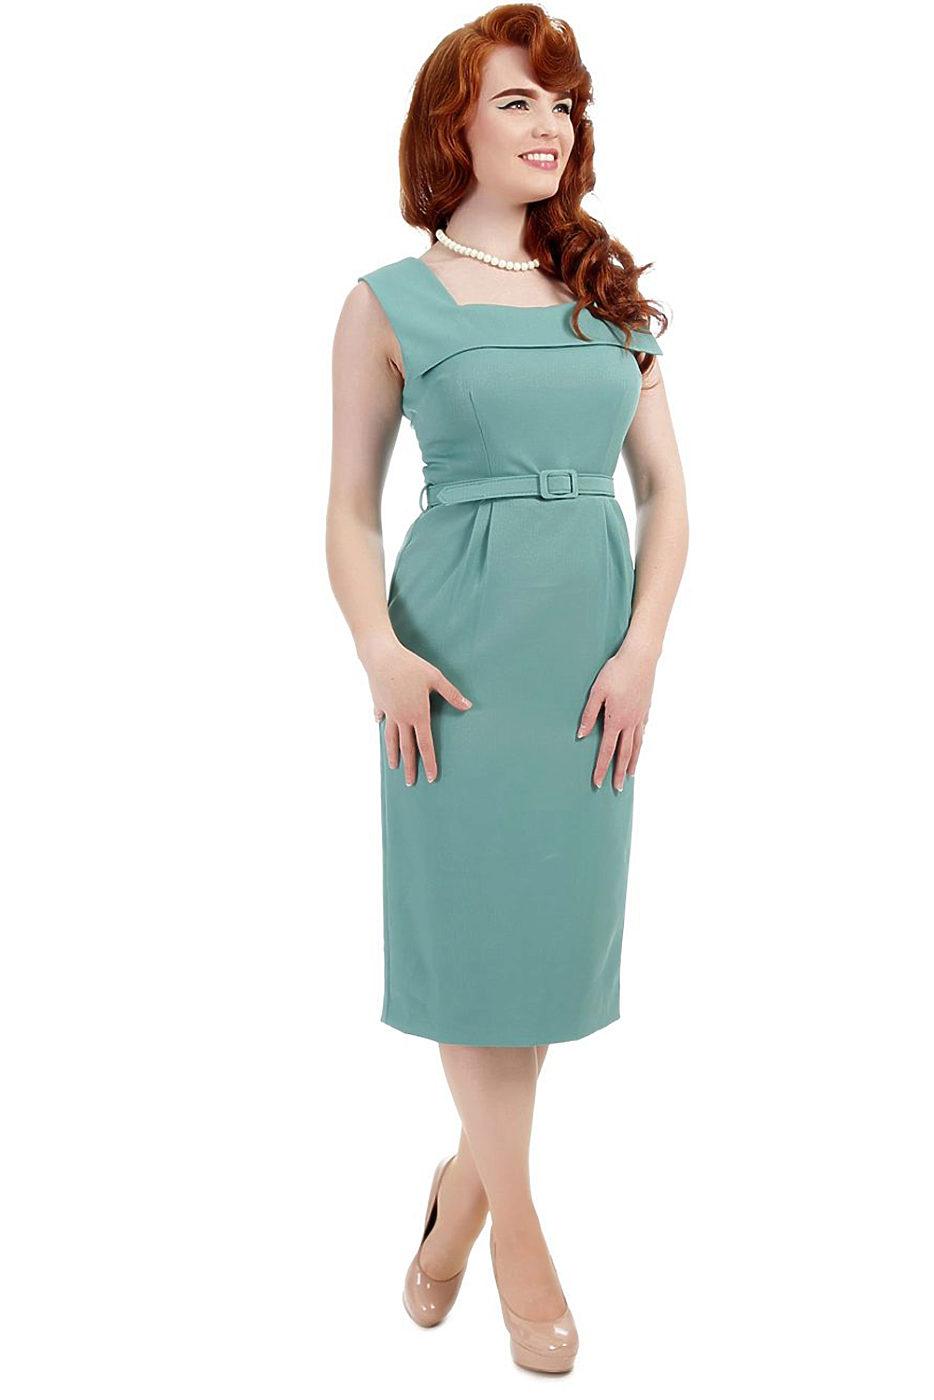 042adde9d334 Světle zelené pouzdrové šaty Collectif Nadia Collectif